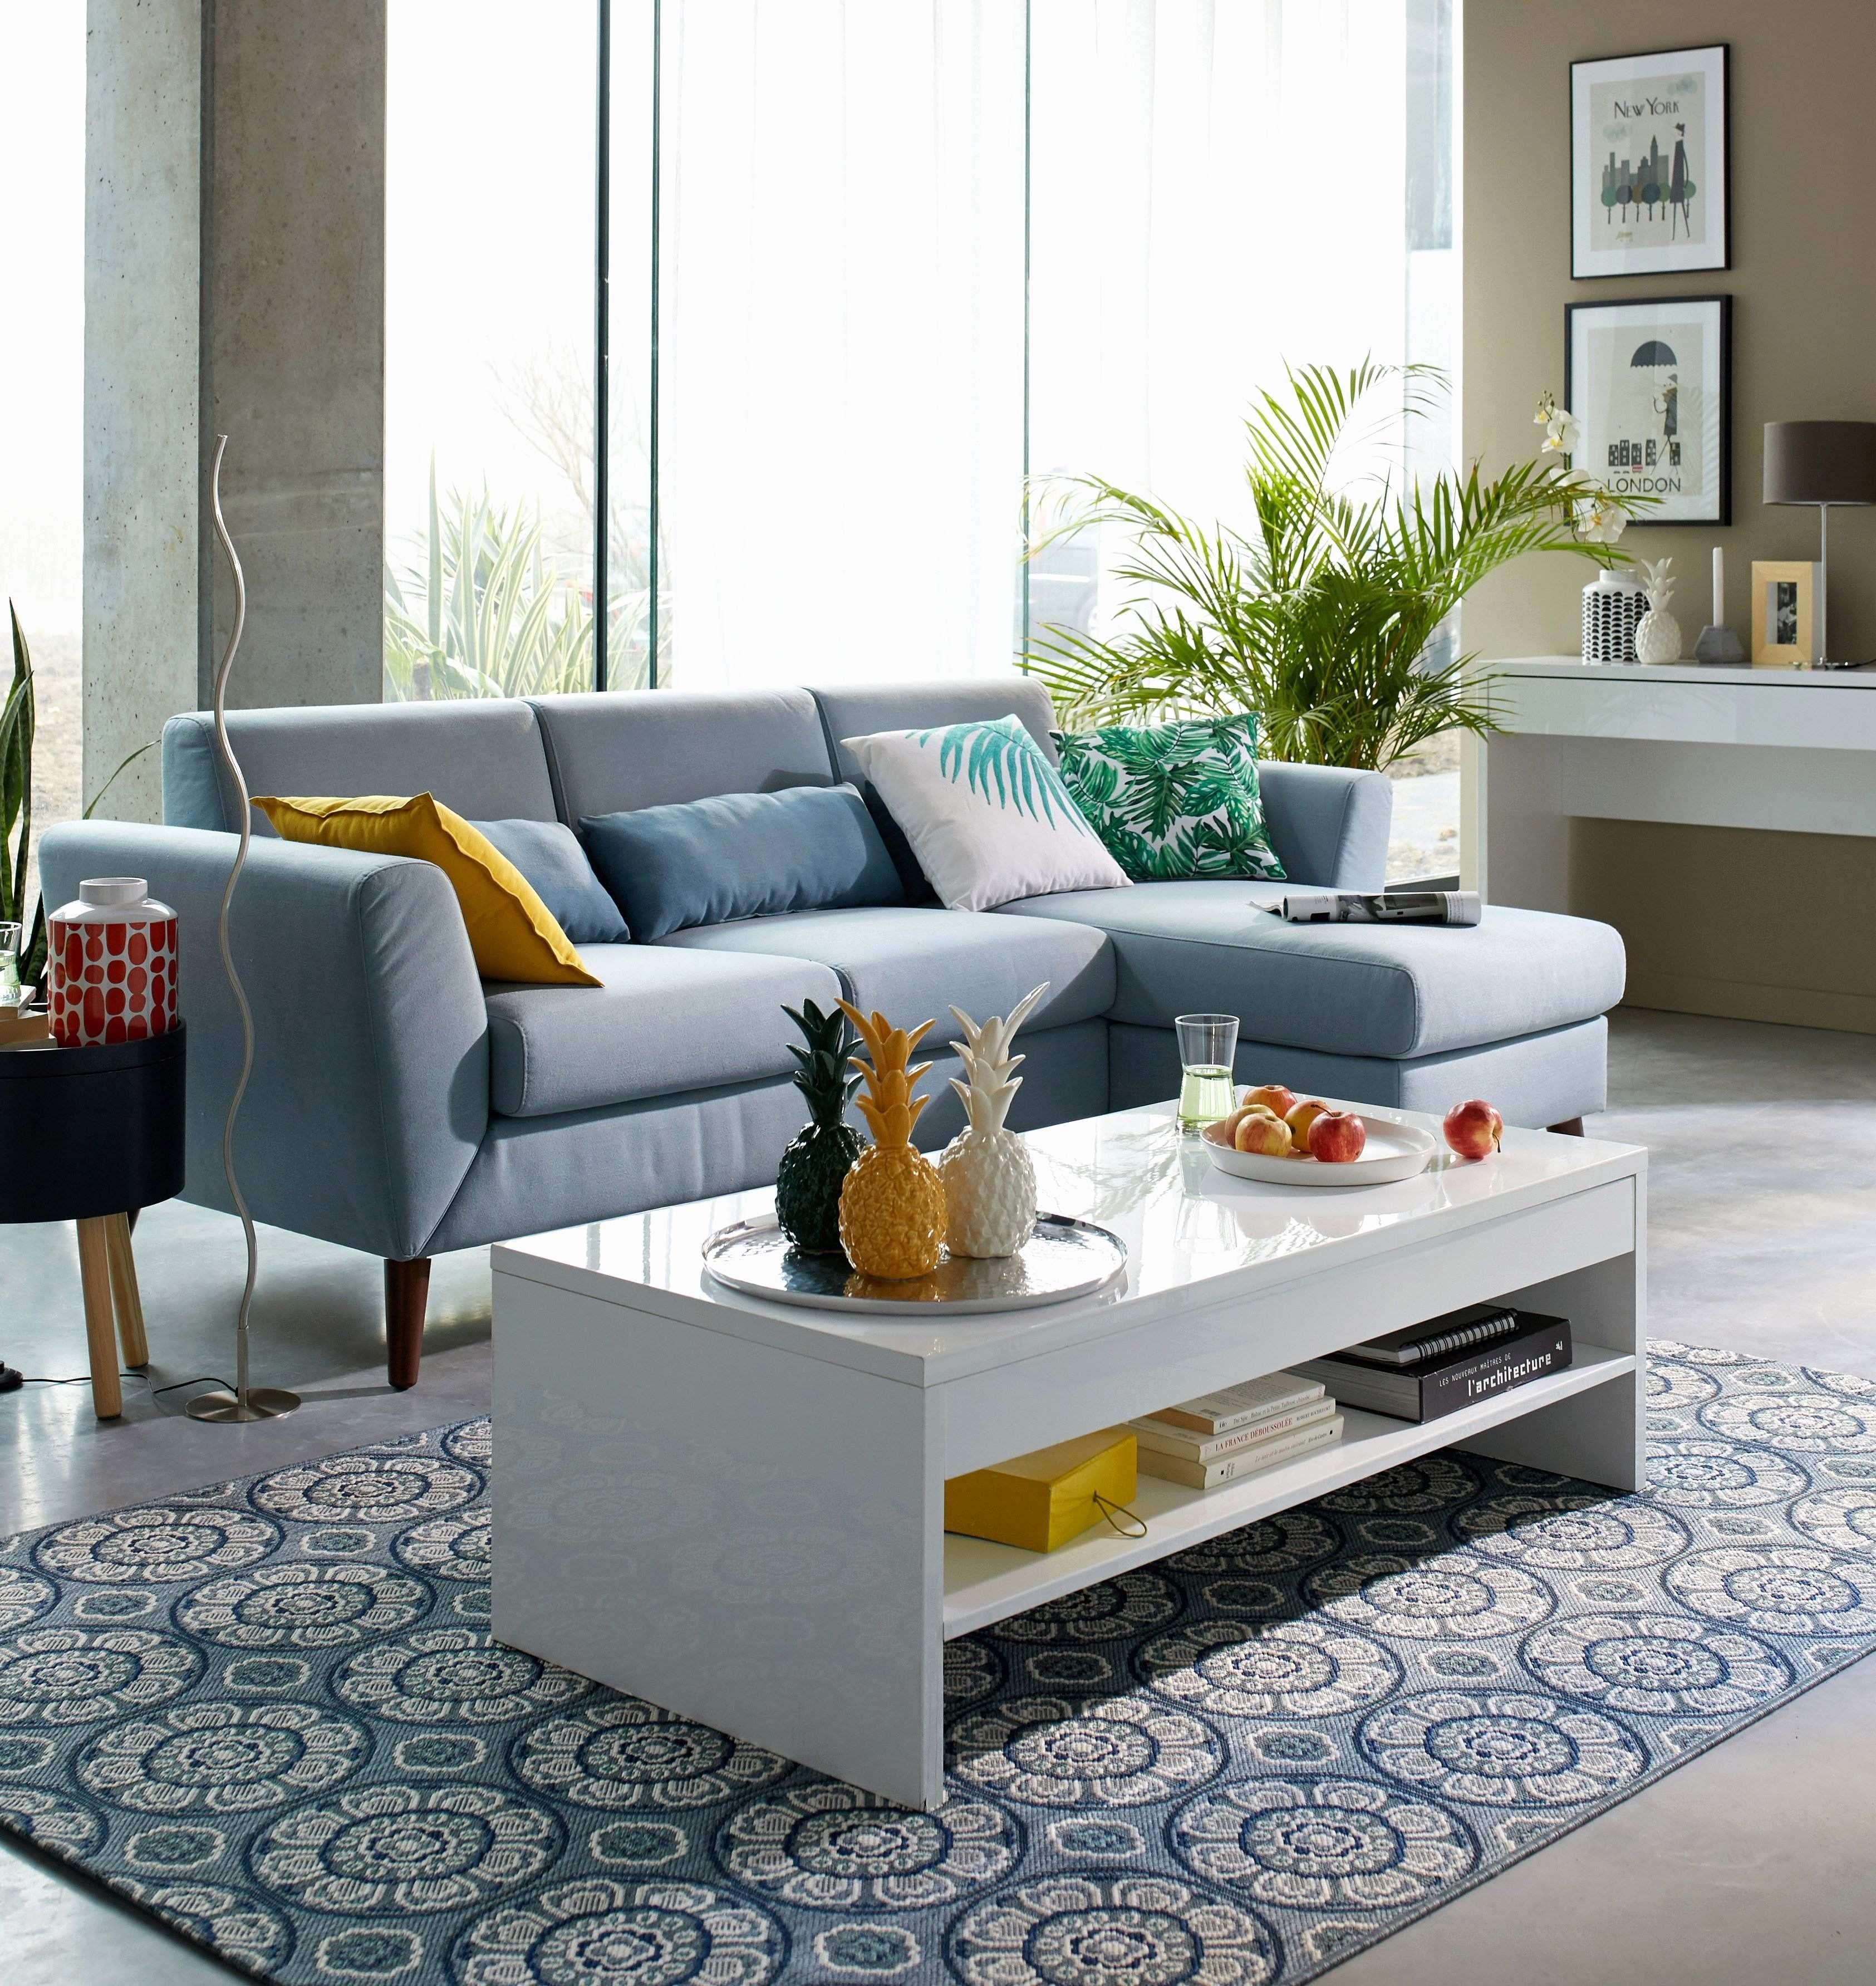 Lit Deux Places Ikea Impressionnant Fauteuil Design Ikea Délicieuse S Fauteuil Lit 2 Places